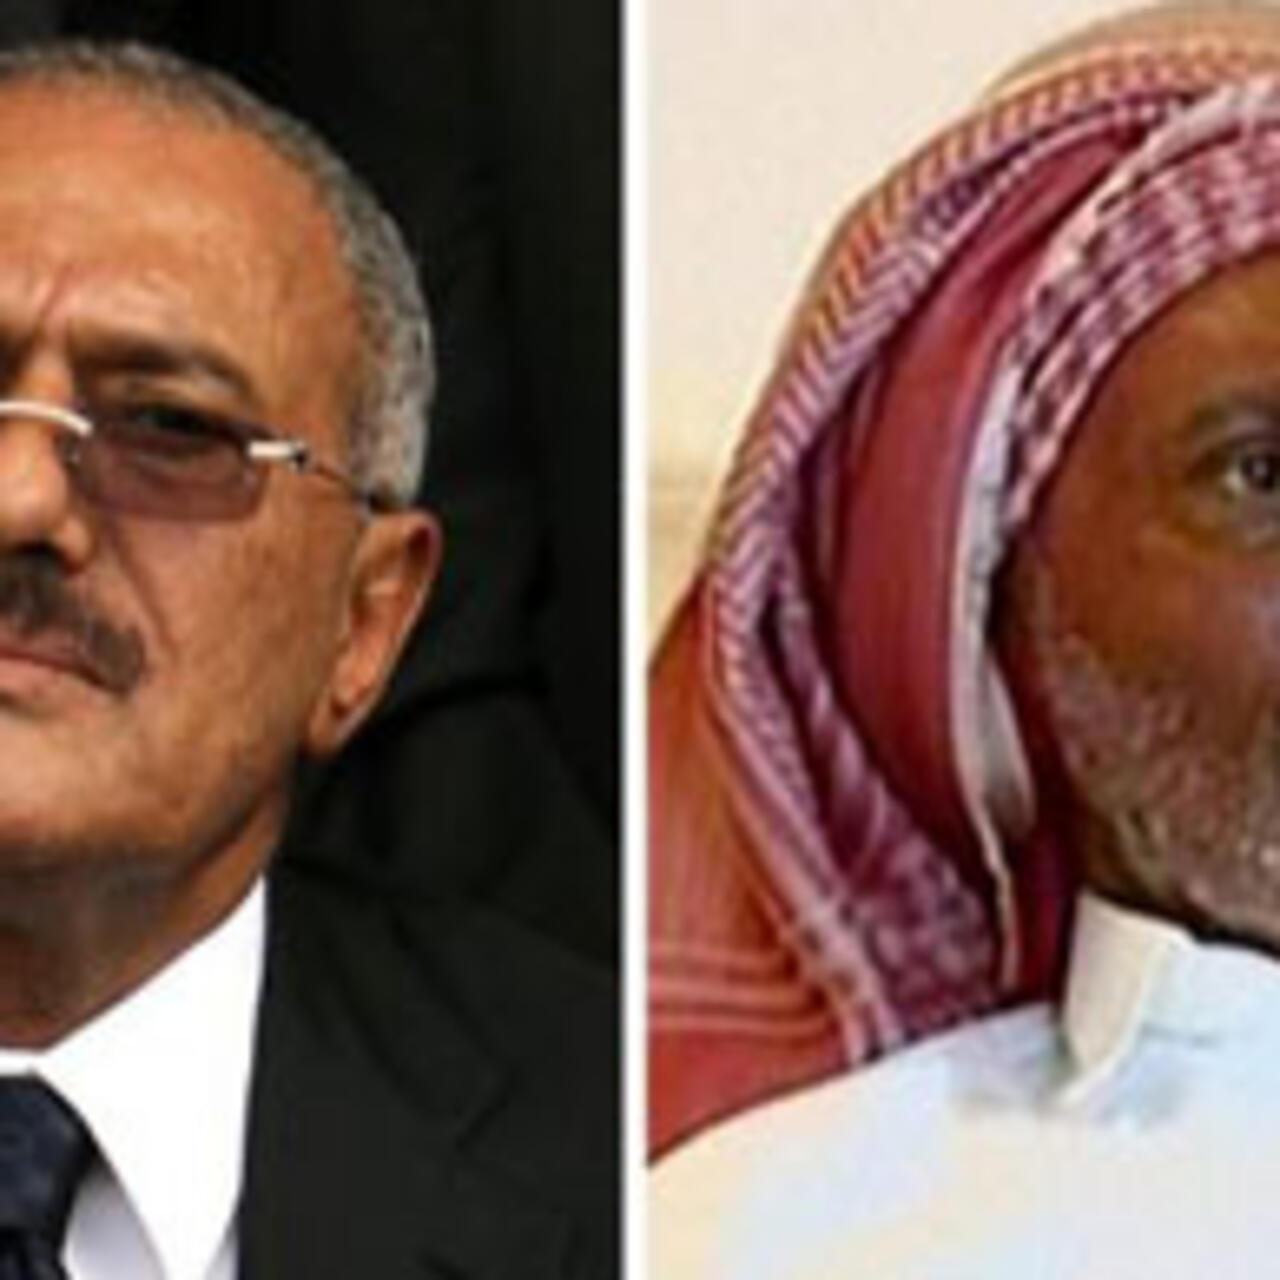 الرئيس علي عبد الله صالح يدعو في أول ظهور له منذ إصابته إلى تقاسم السلطة